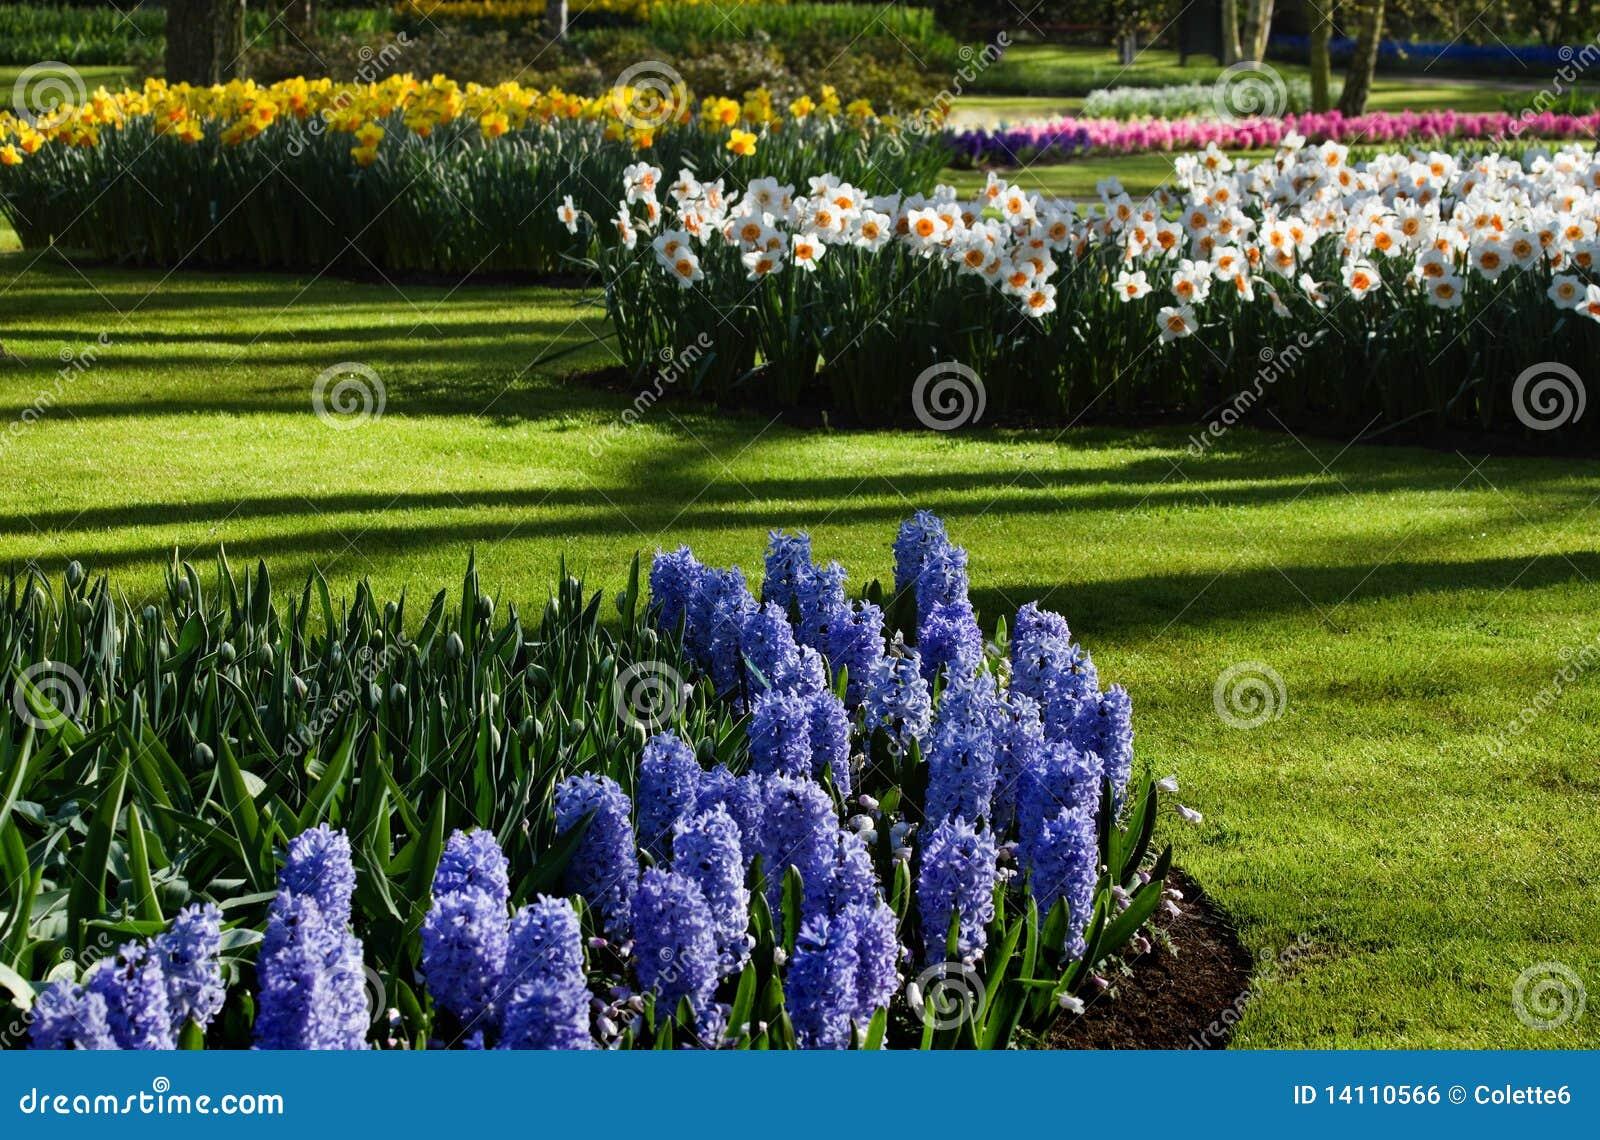 De Tuin Van De Lente Met Hyacinten En Gele Narcissen Royalty vrije Stock Afbeelding   Afbeelding